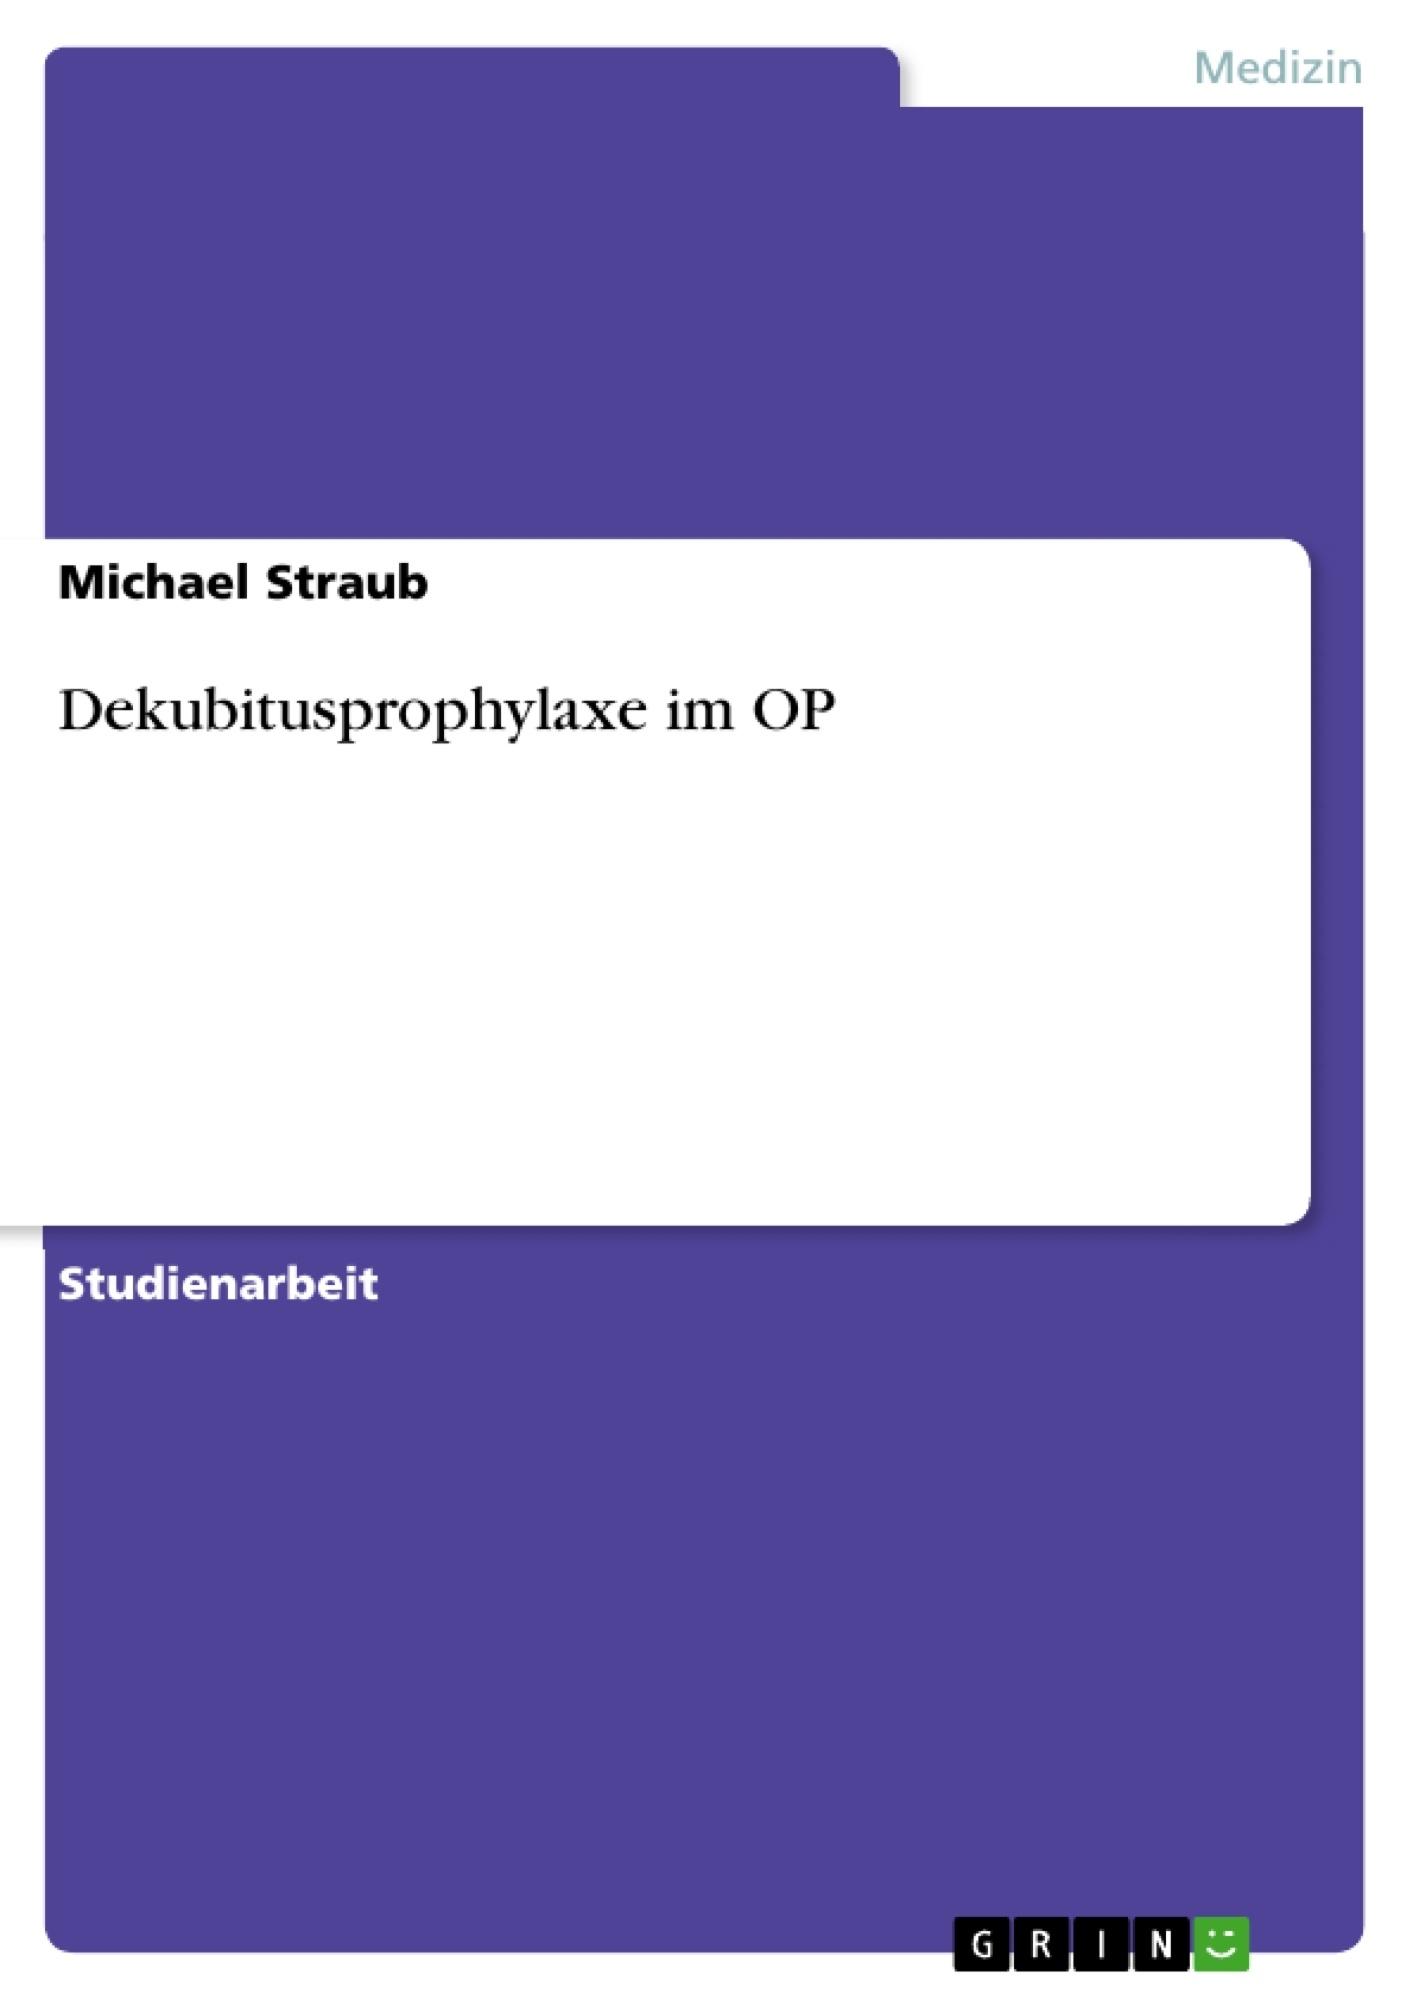 Titel: Dekubitusprophylaxe im OP